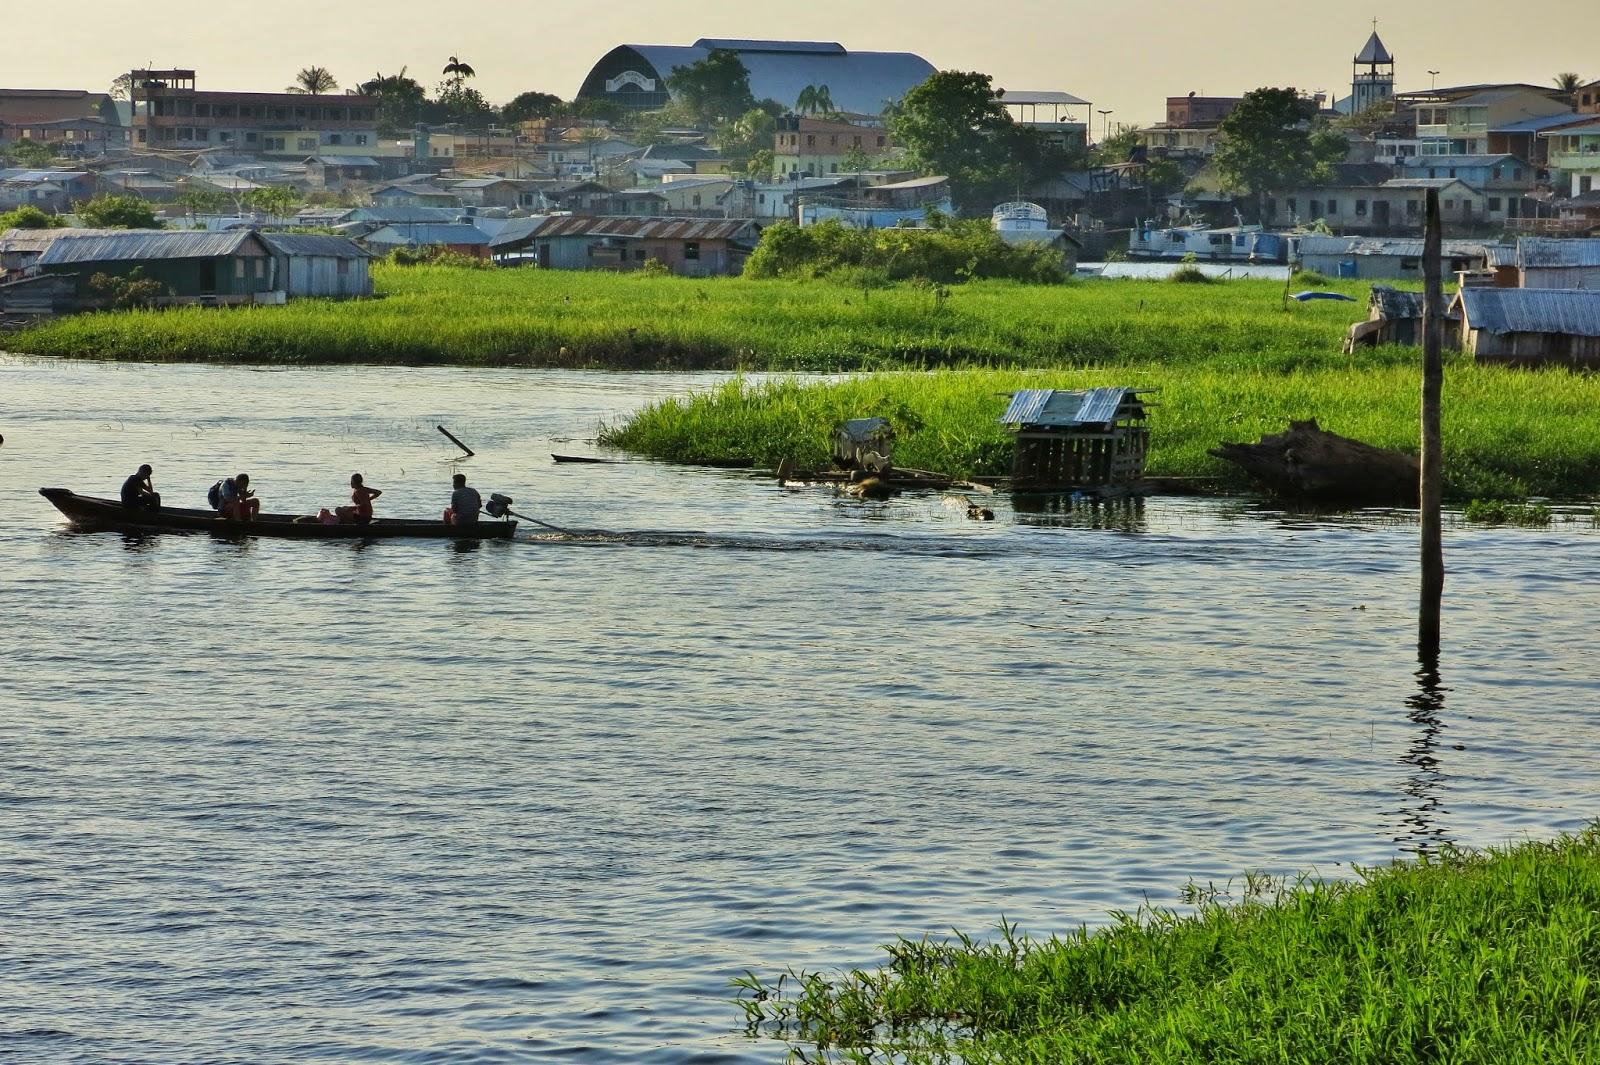 Parada do barco comunitário, na cidade de Coari